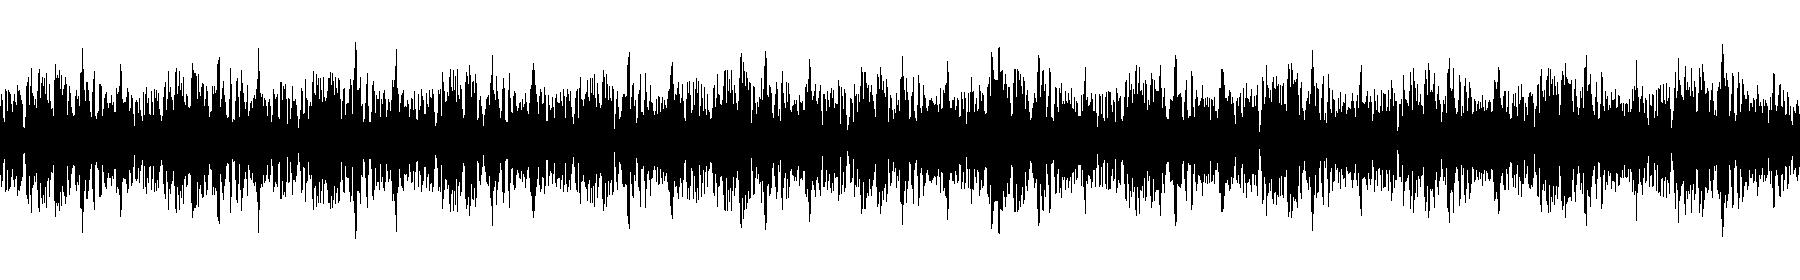 biab glitchhop glitch 19